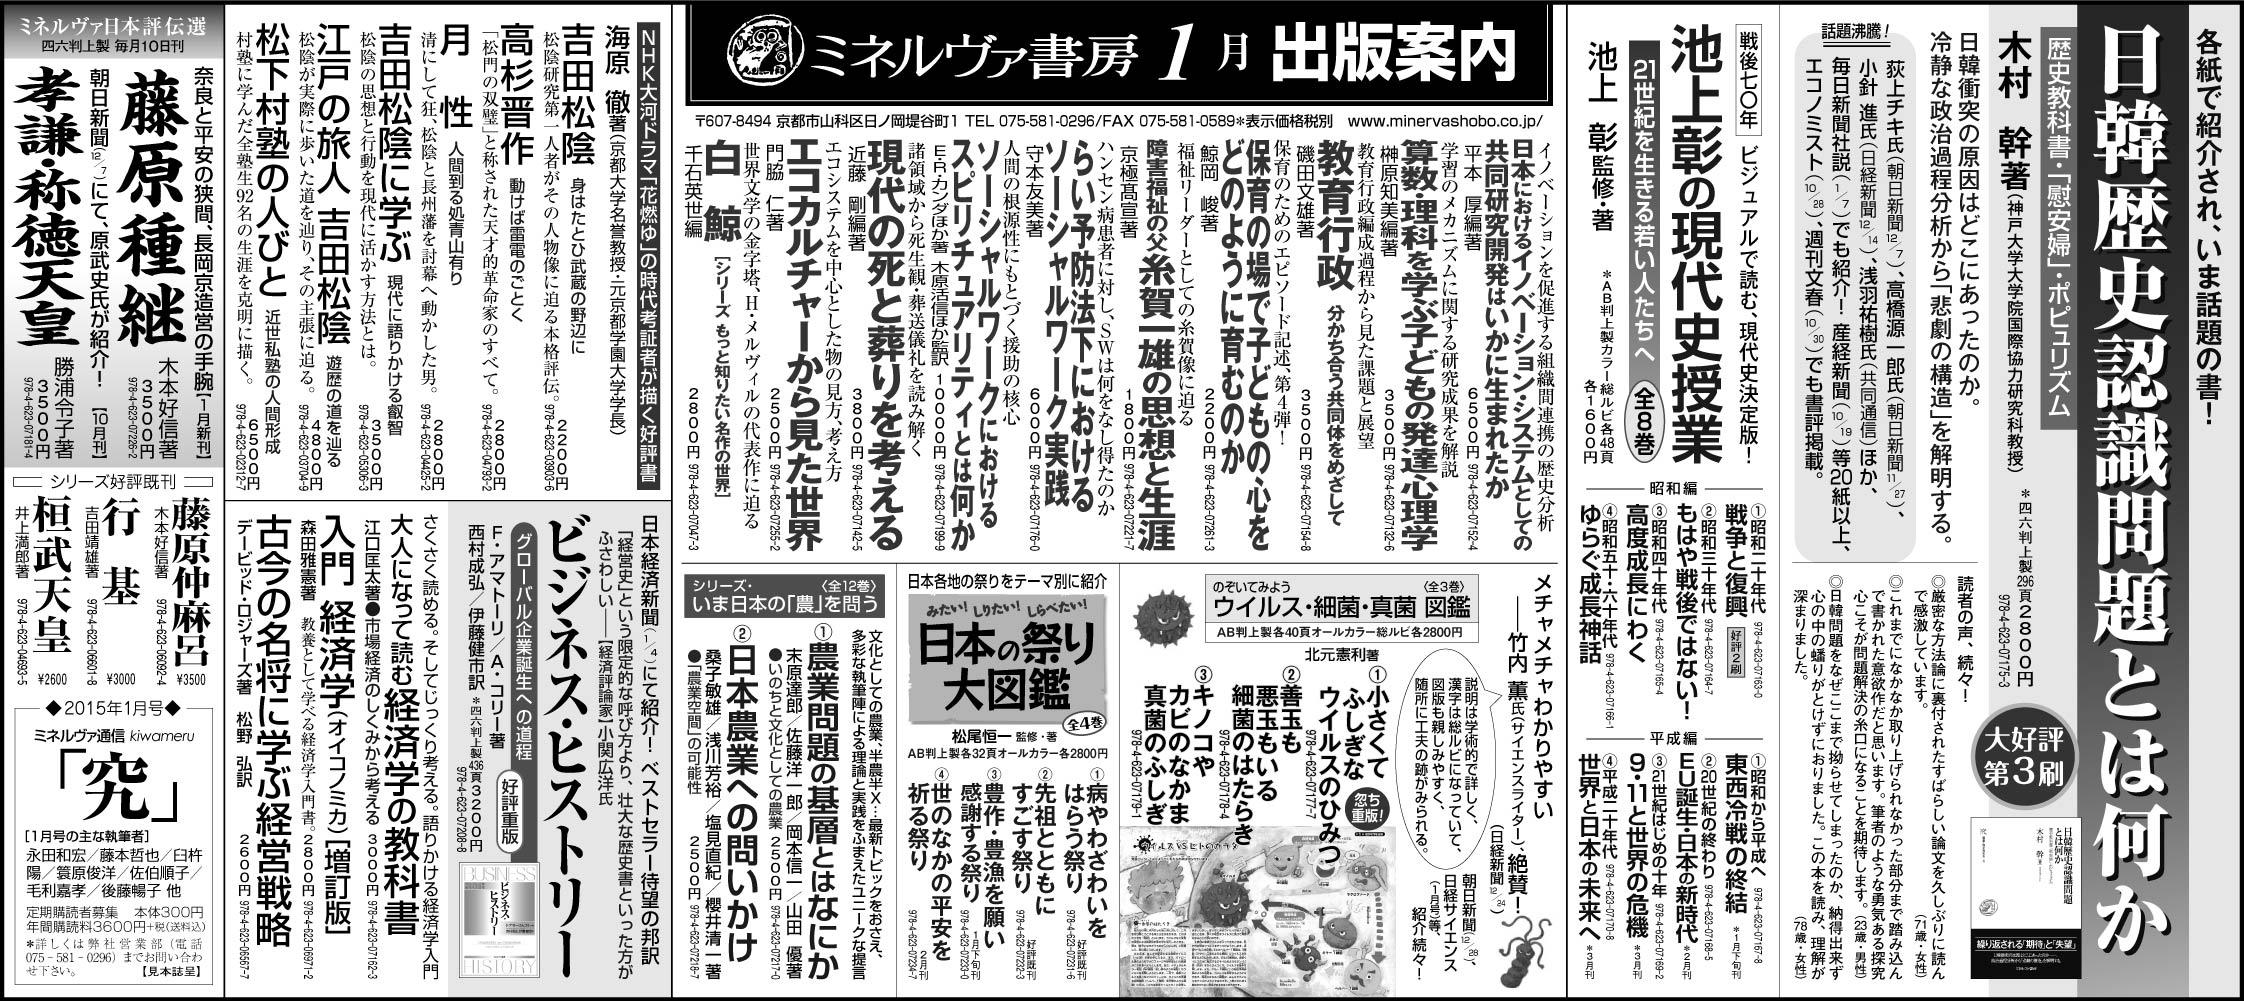 日本経済新聞全5段広告2015年1月18日掲載